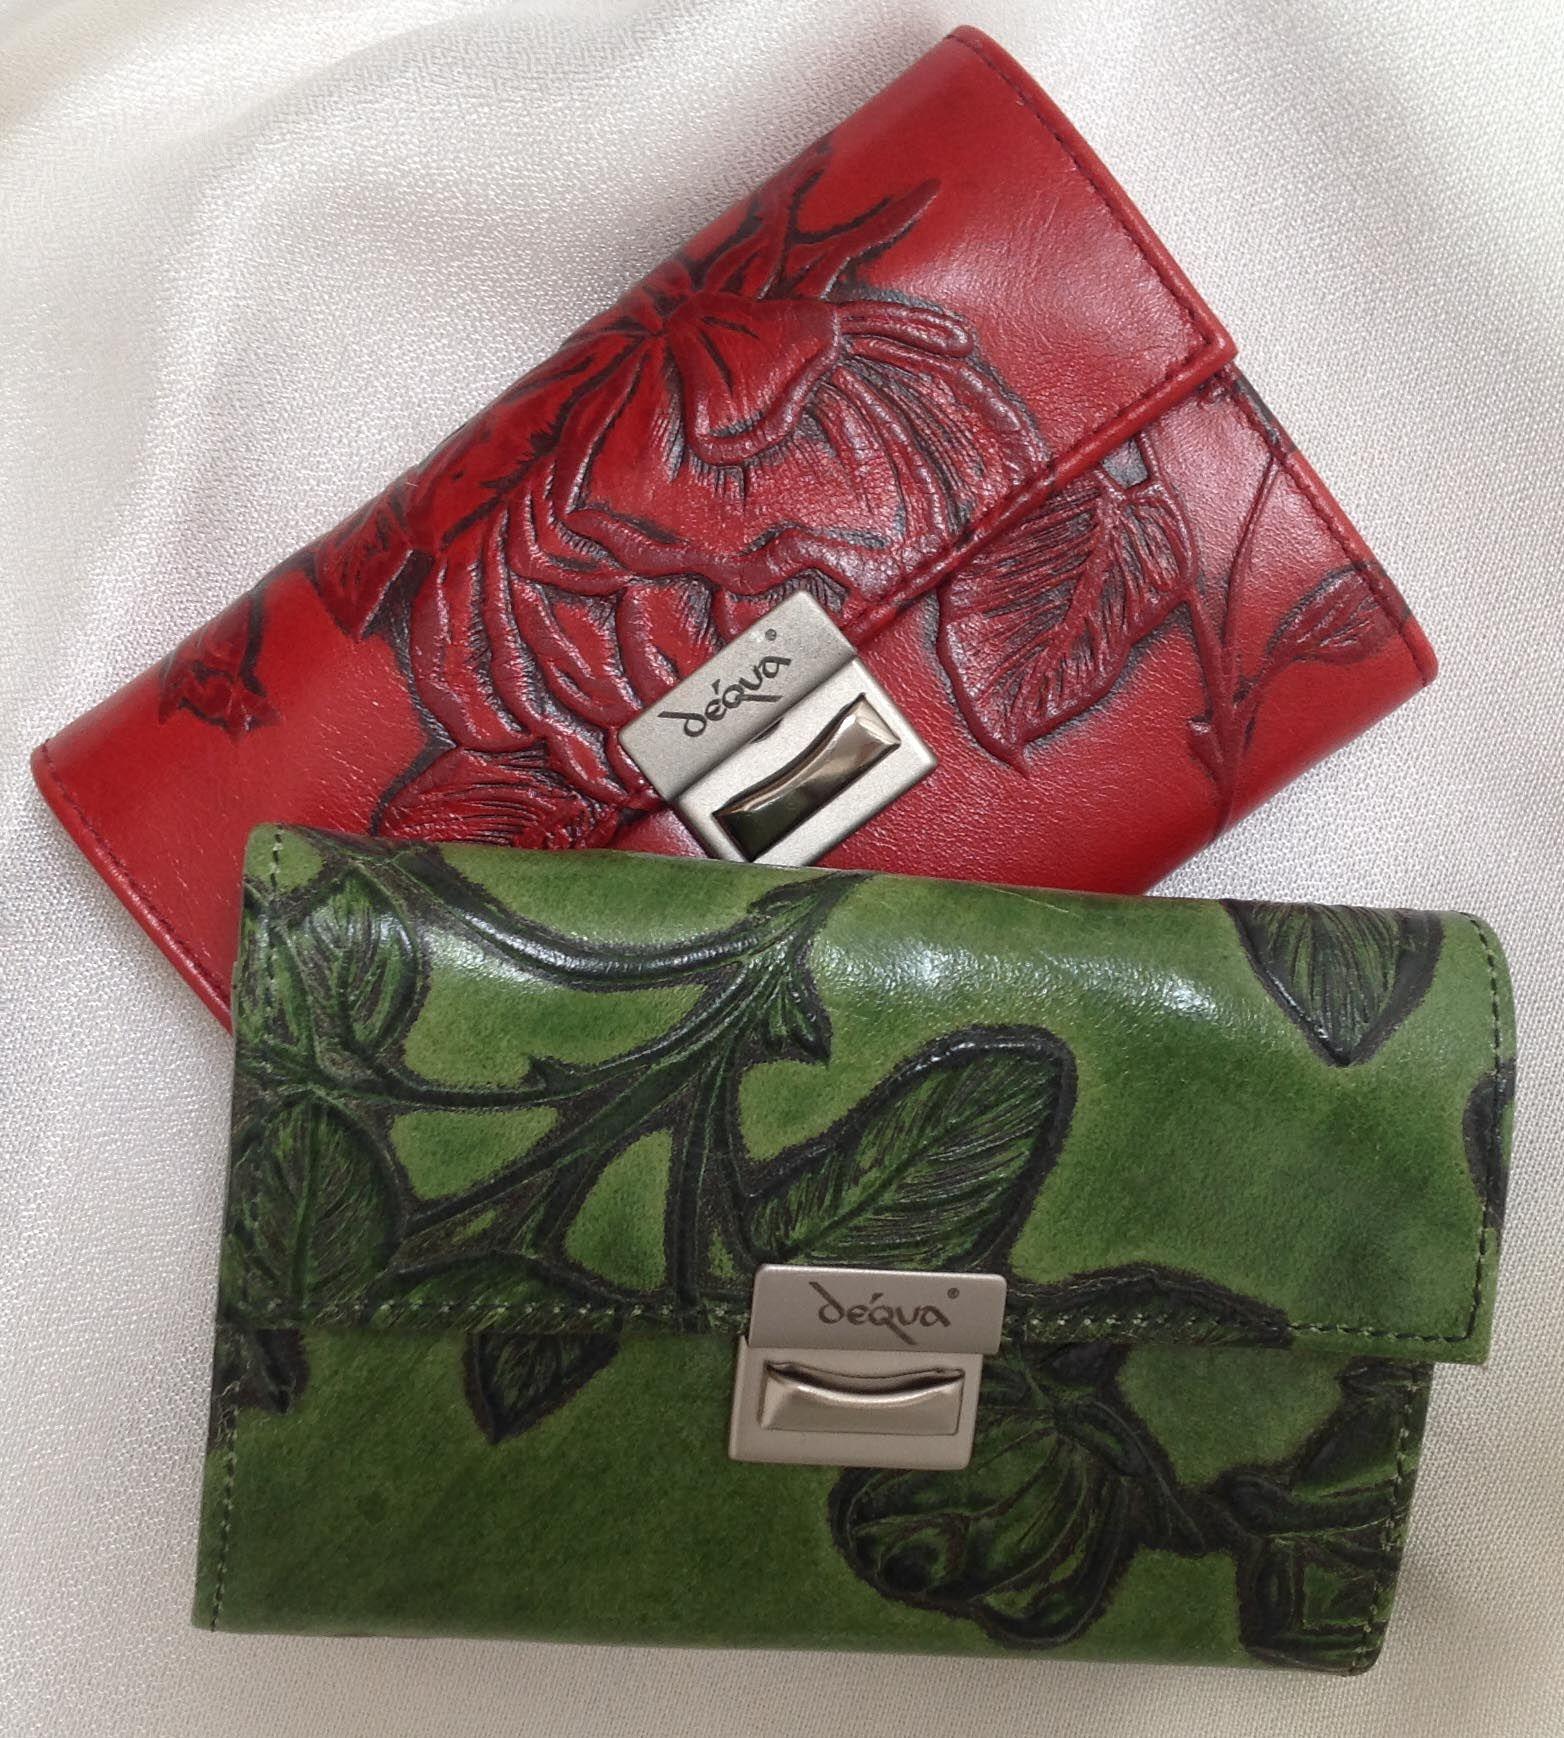 Rosen - Geldbörse mini aus geprägtem Leder in perfektem Design von déqua.  Portemonnaie für kleinste Handtaschen im Service - Stil mit Schüttelfach für Kleingeld: aufgeräumt, minimalistisch und zugleich höchst funktionell!